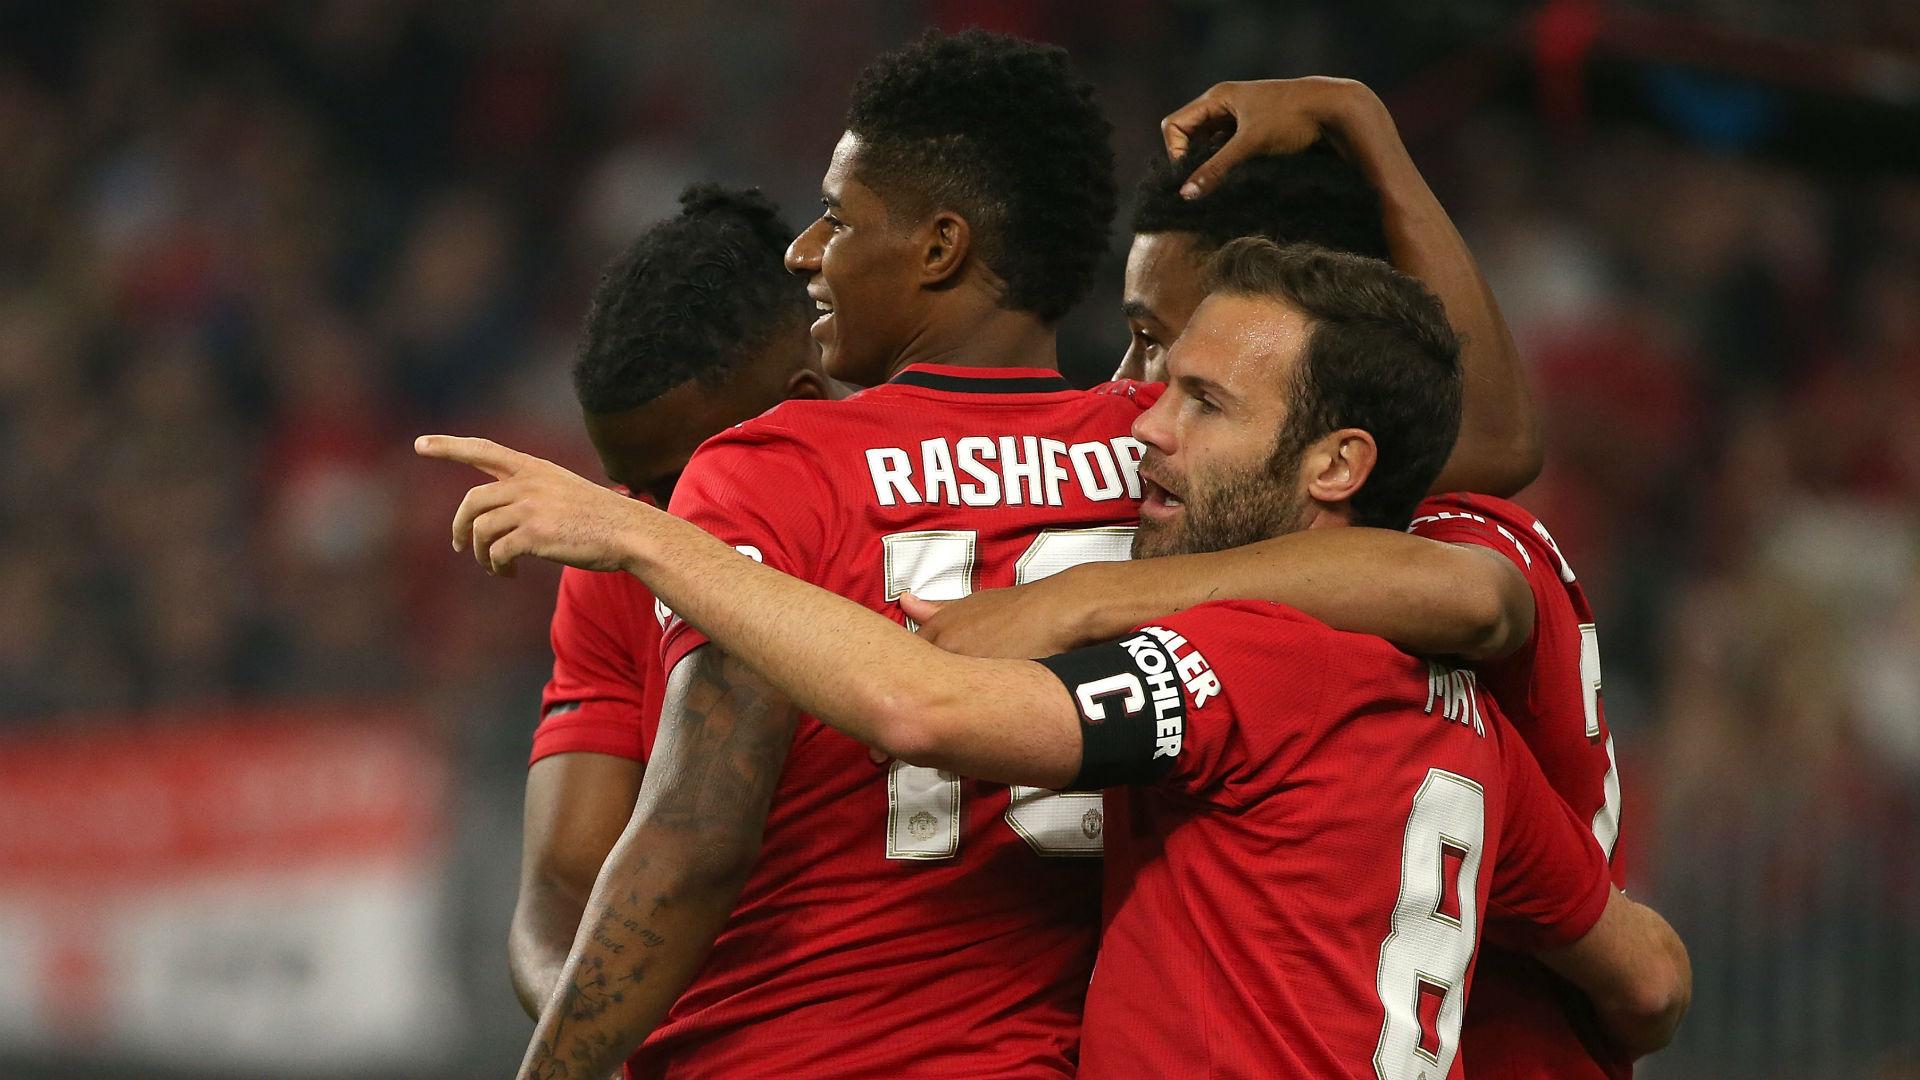 Marcus Rashford Juan Mata Manchester United pre-season 2019